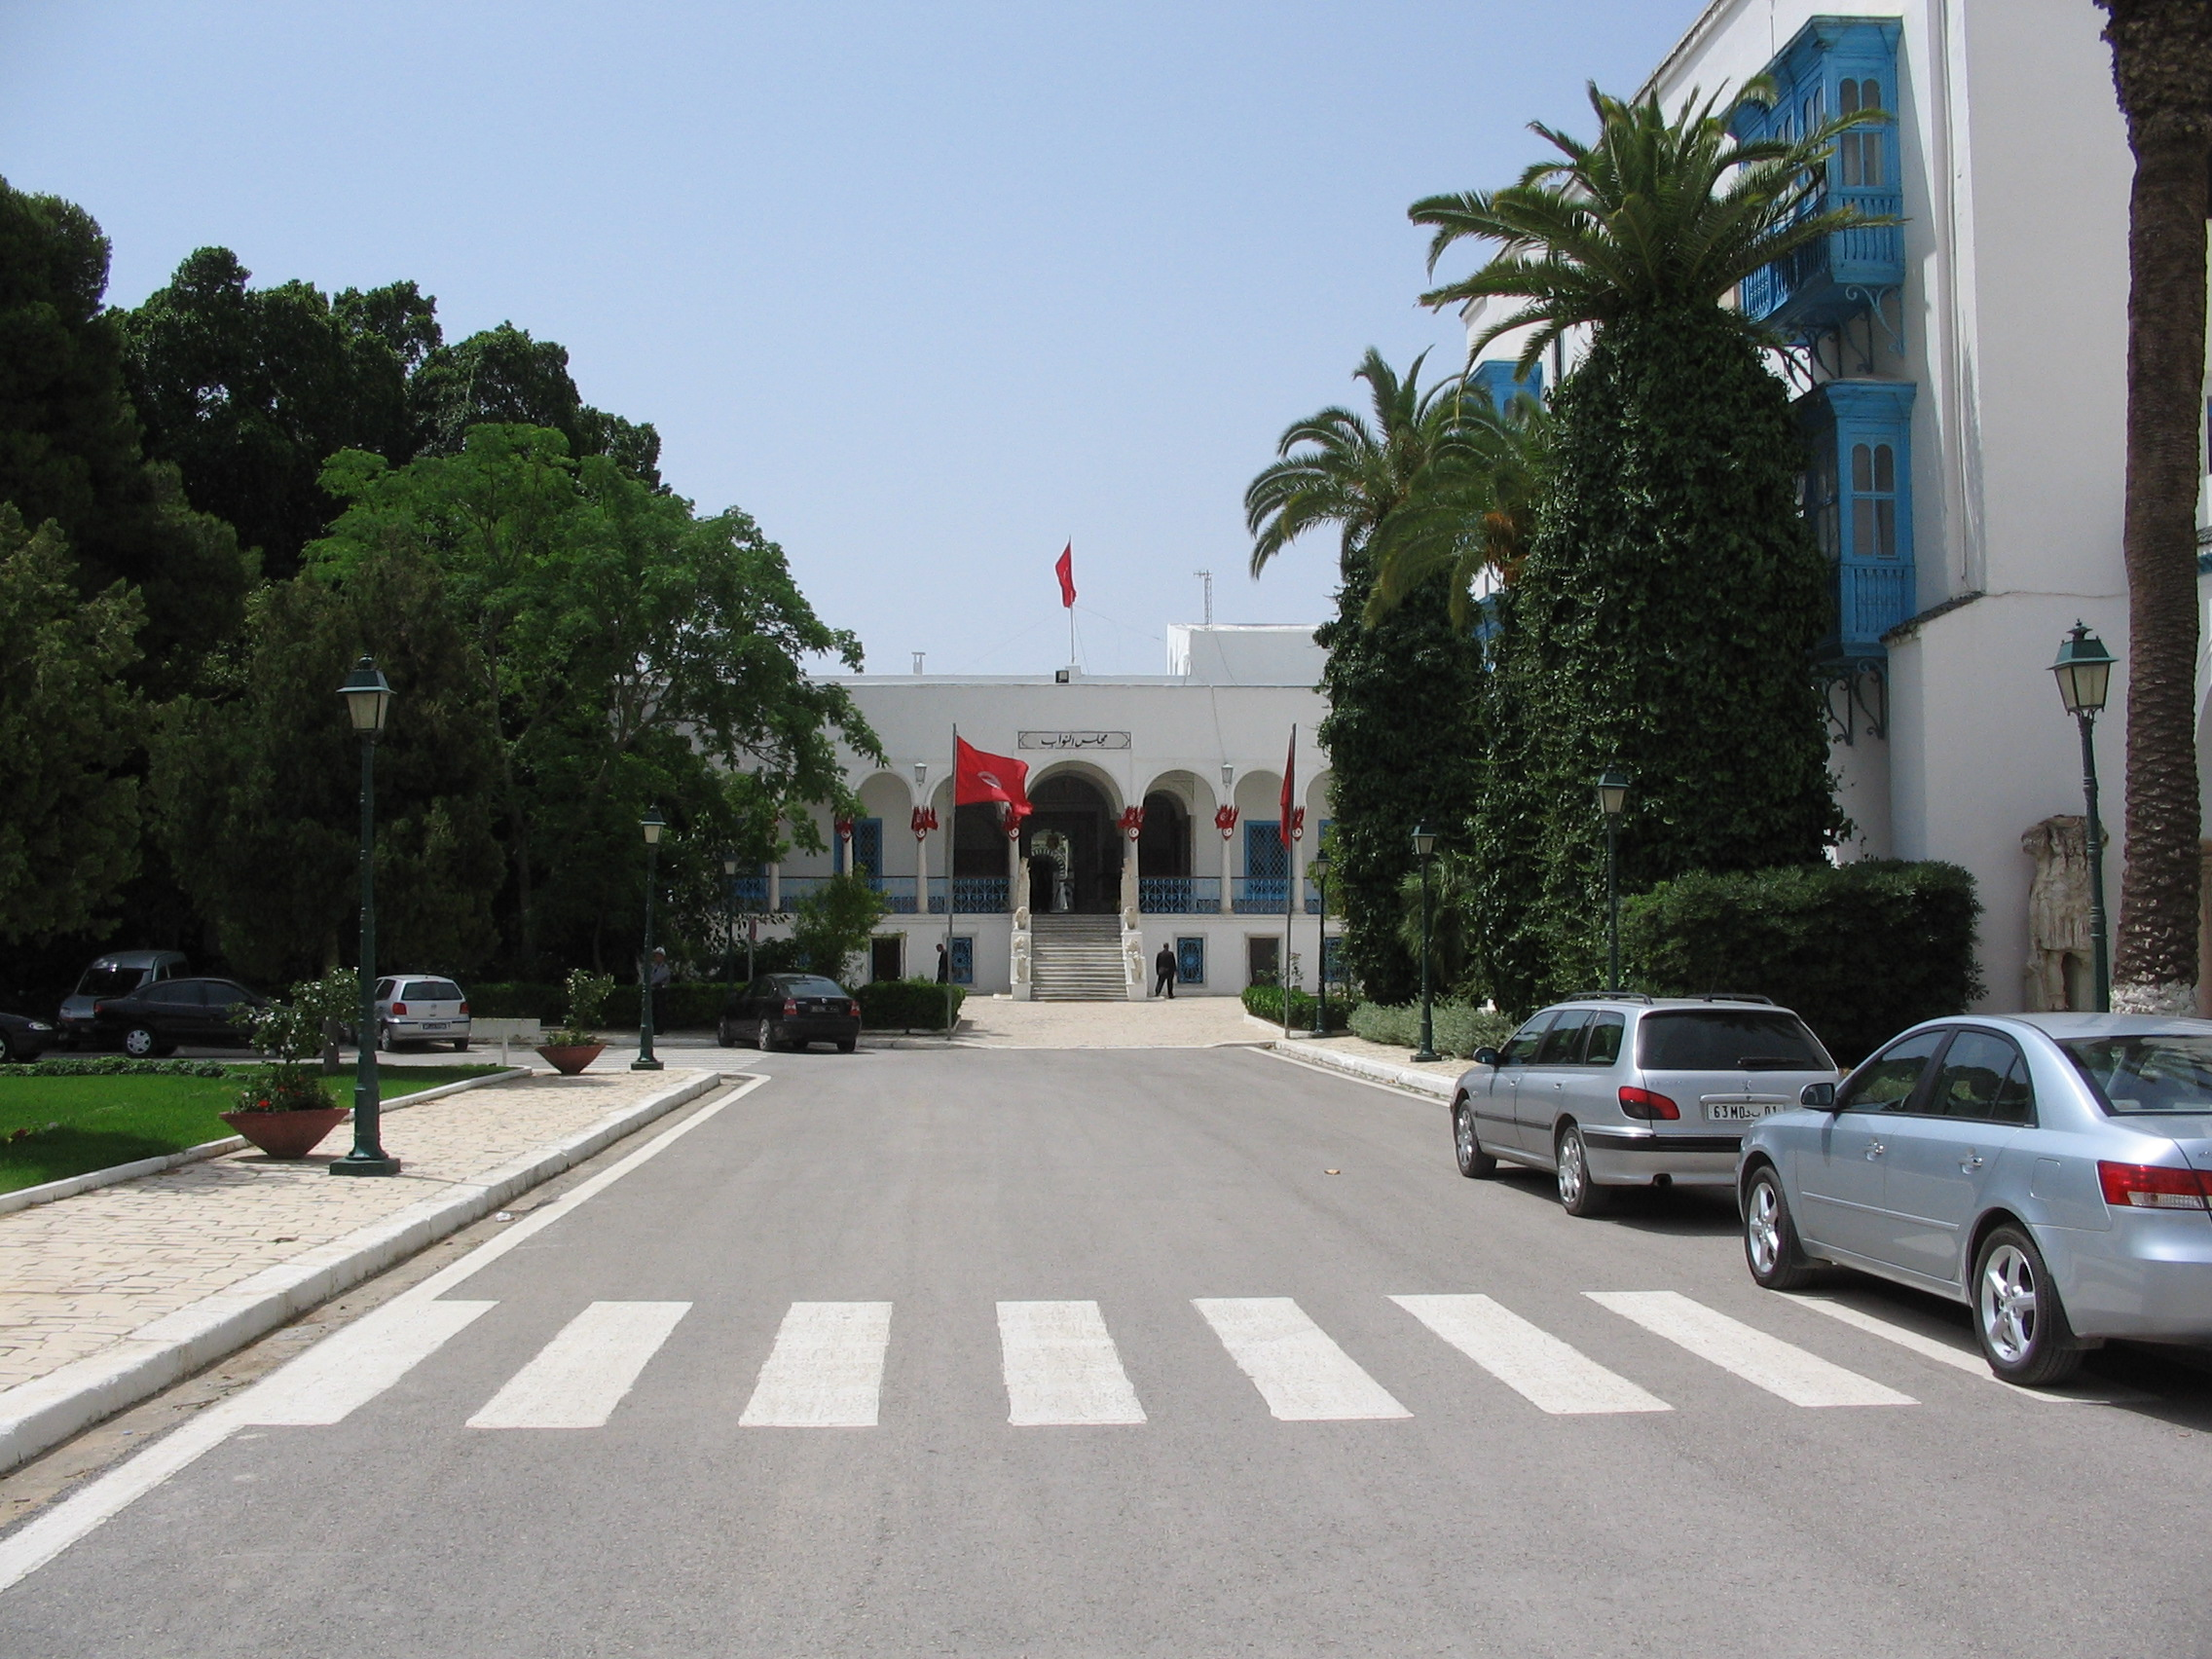 التعريف بتونس كبلد سياحي المعلومات GiorcesBardo32.JPG